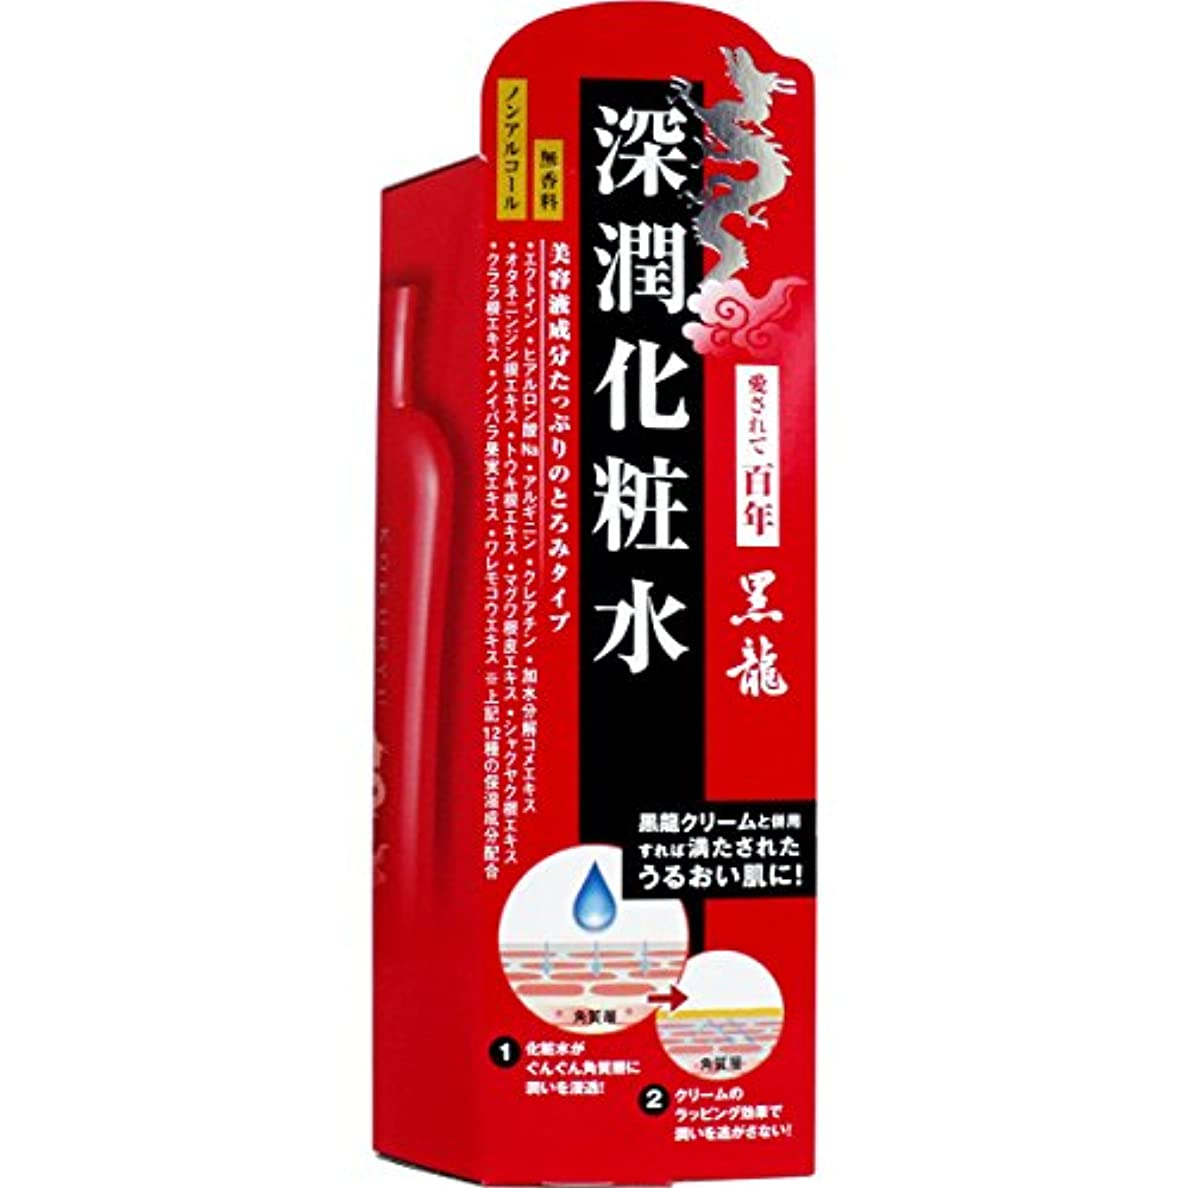 マナー何よりもピザ黒龍 深潤化粧水 150ml×3セット